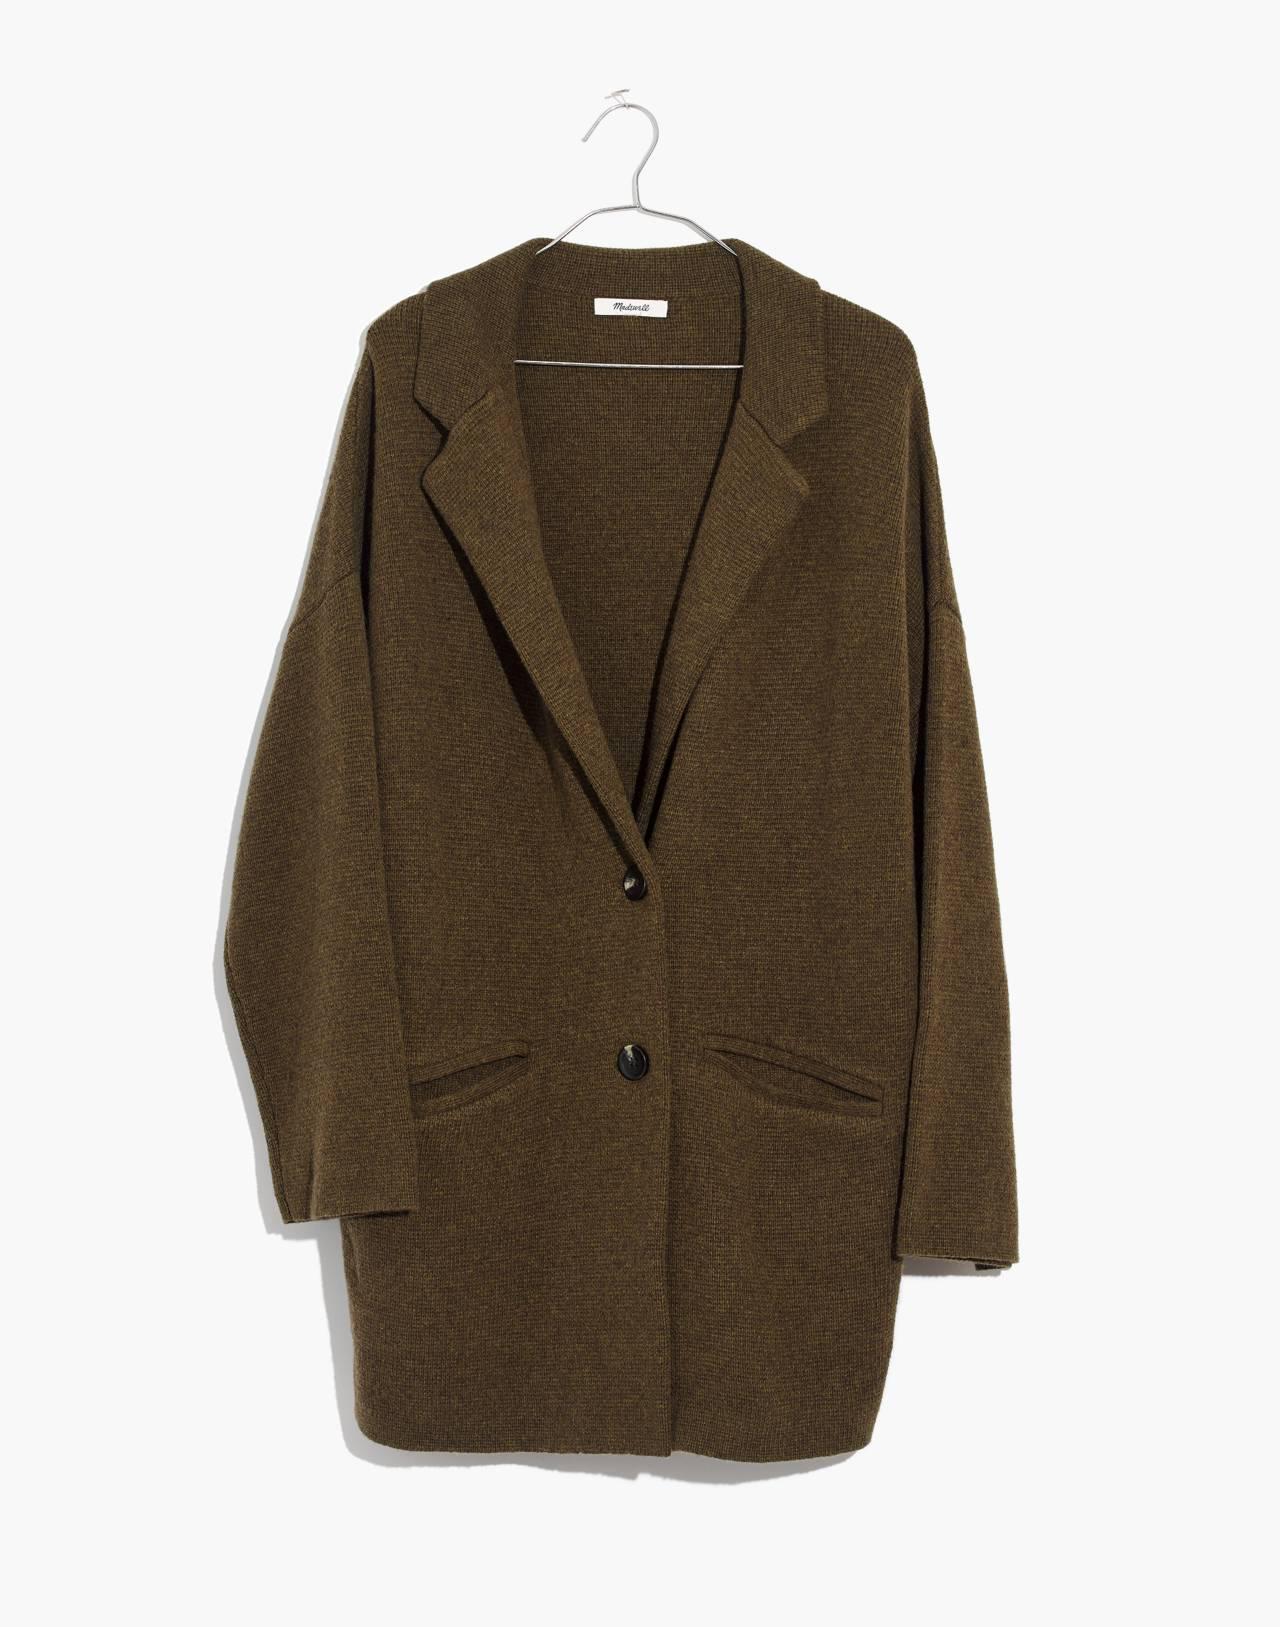 Blazer Sweater-Jacket in hthr elm image 4